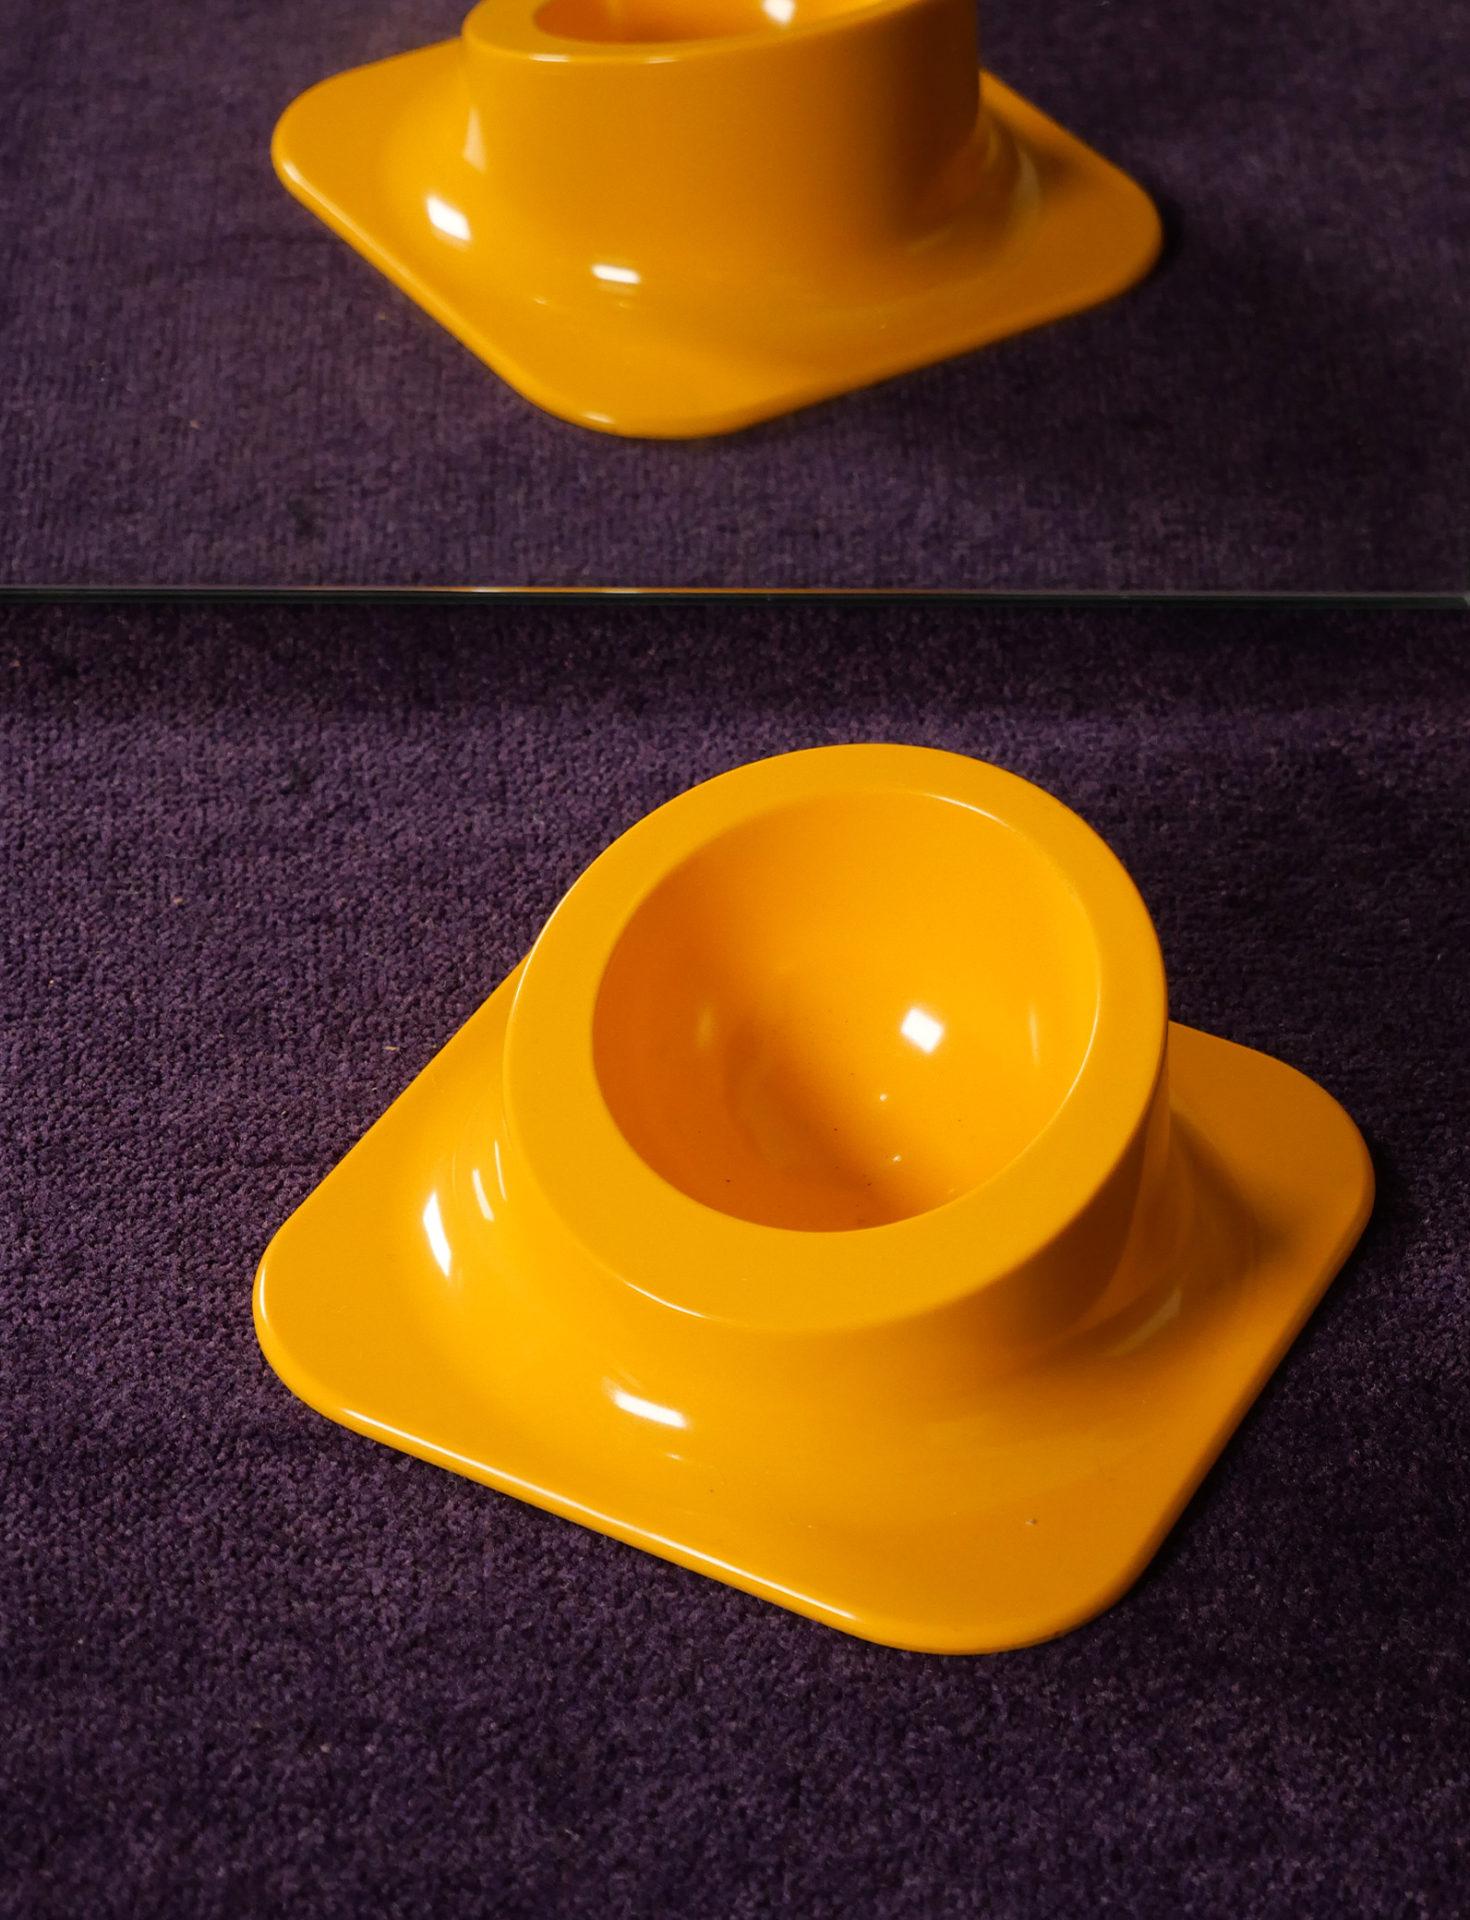 Cendrier en plastique jaune